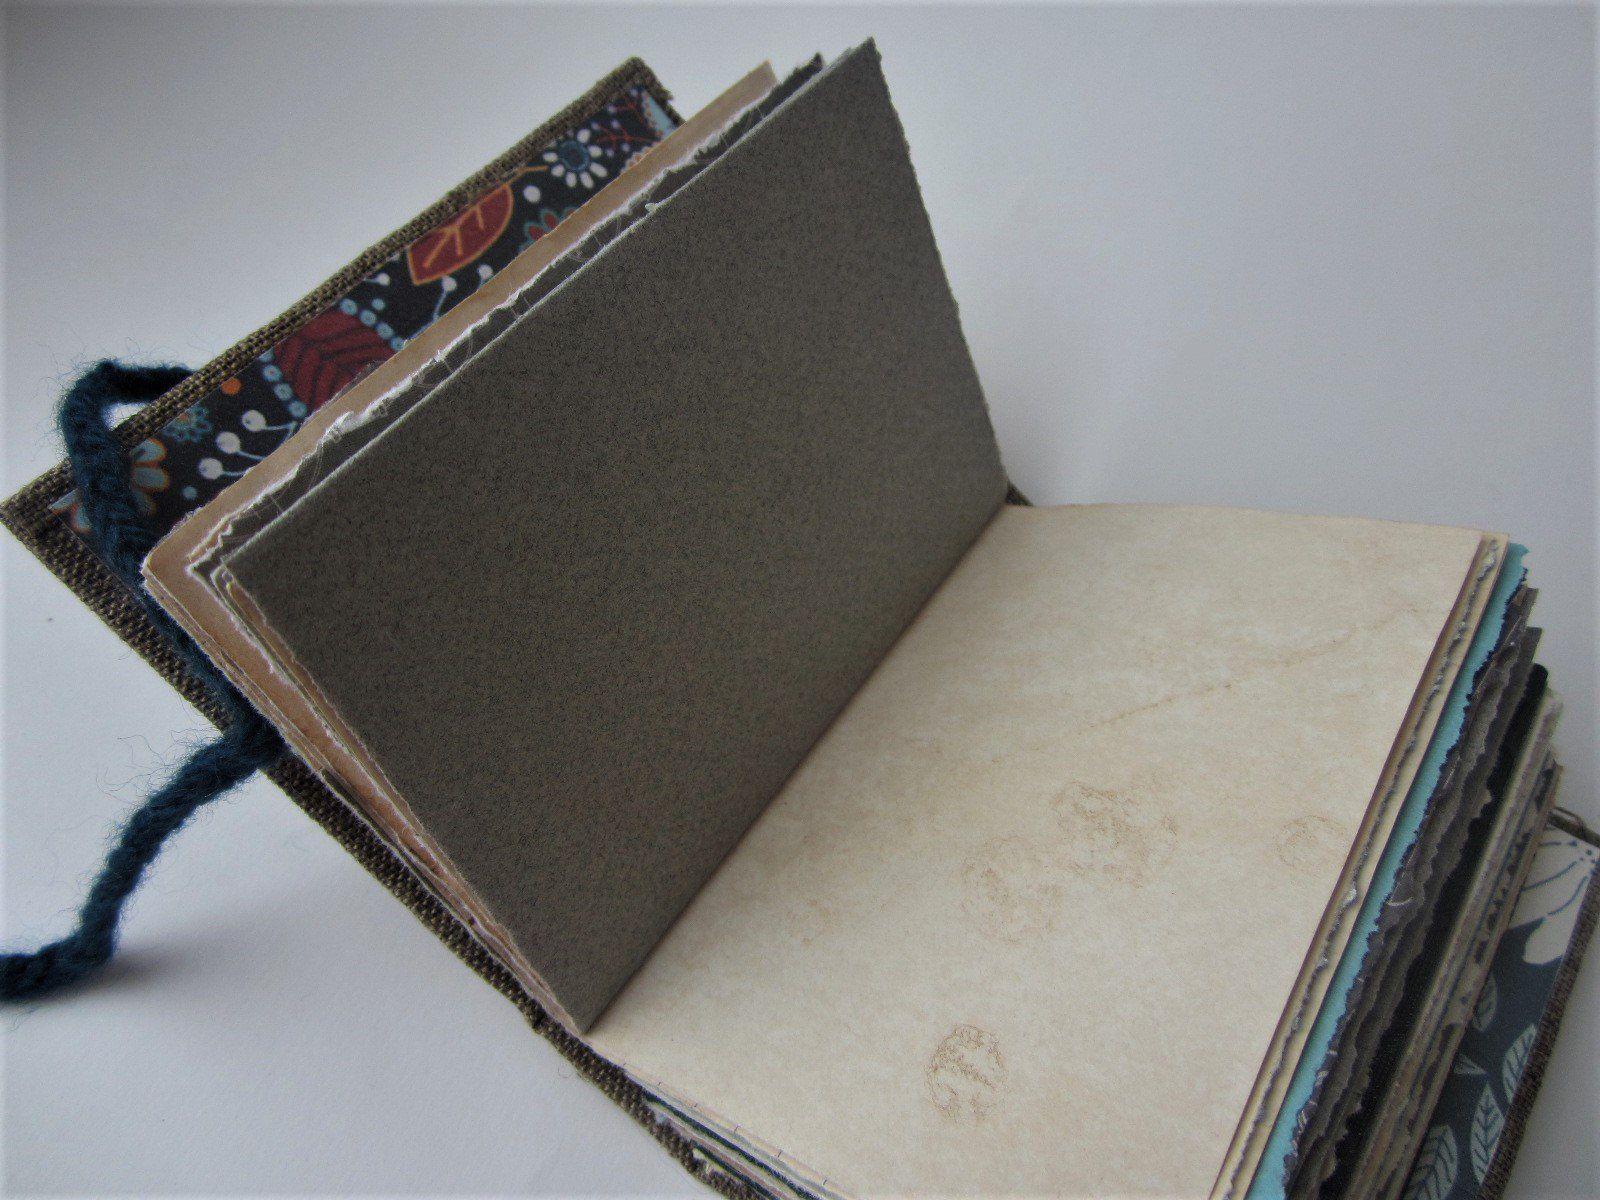 блокнот для_зарисовок милый_подарок sketchbook скетчбук винтаж альбом